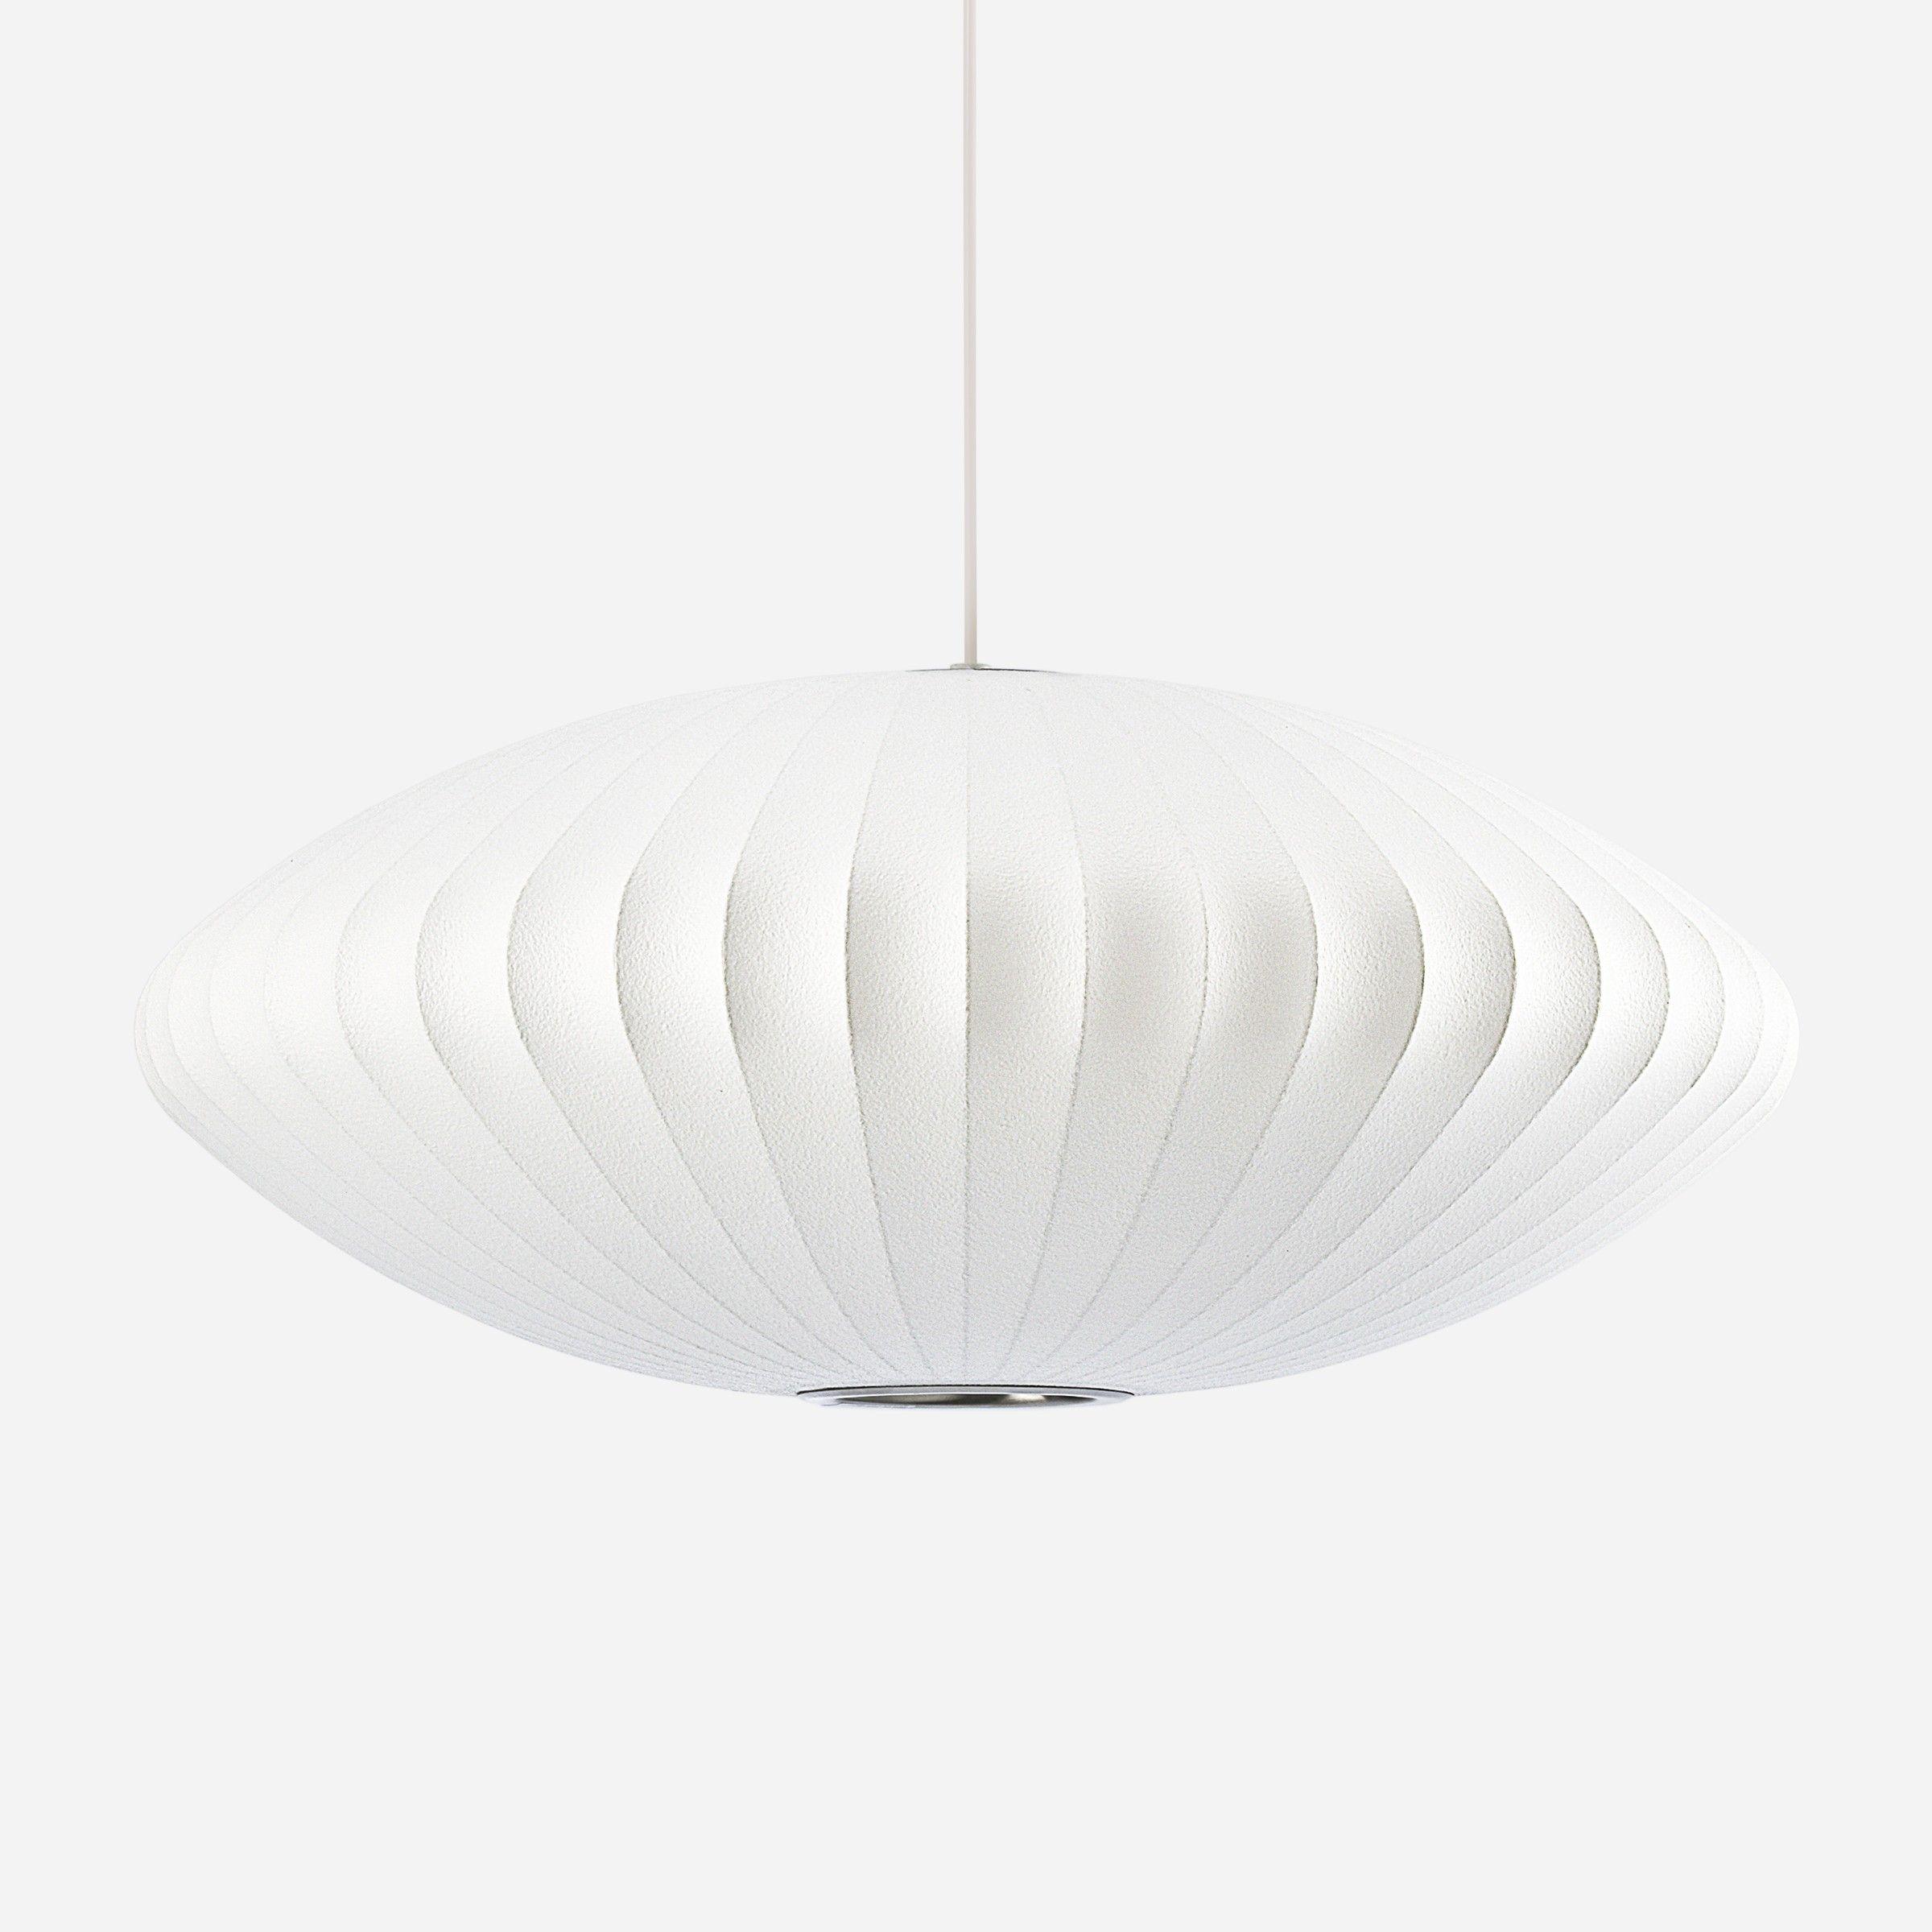 Modernica nelson bubble lamp, Nelson bubble lamp